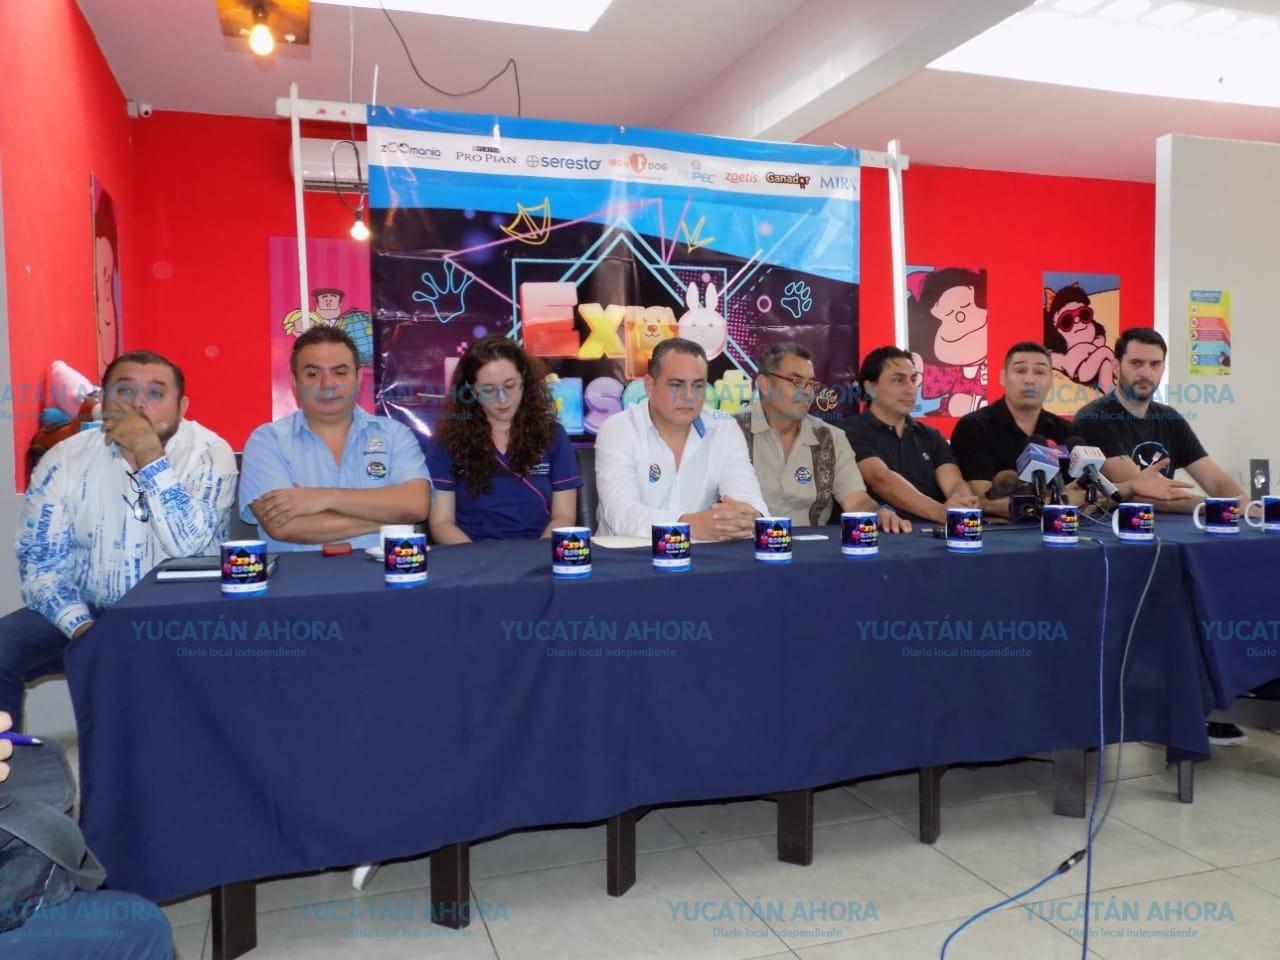 4dcee9b2b ... días 5 y 6 de enero se realizará la segunda edición de la Expo Mascota  Yucatán